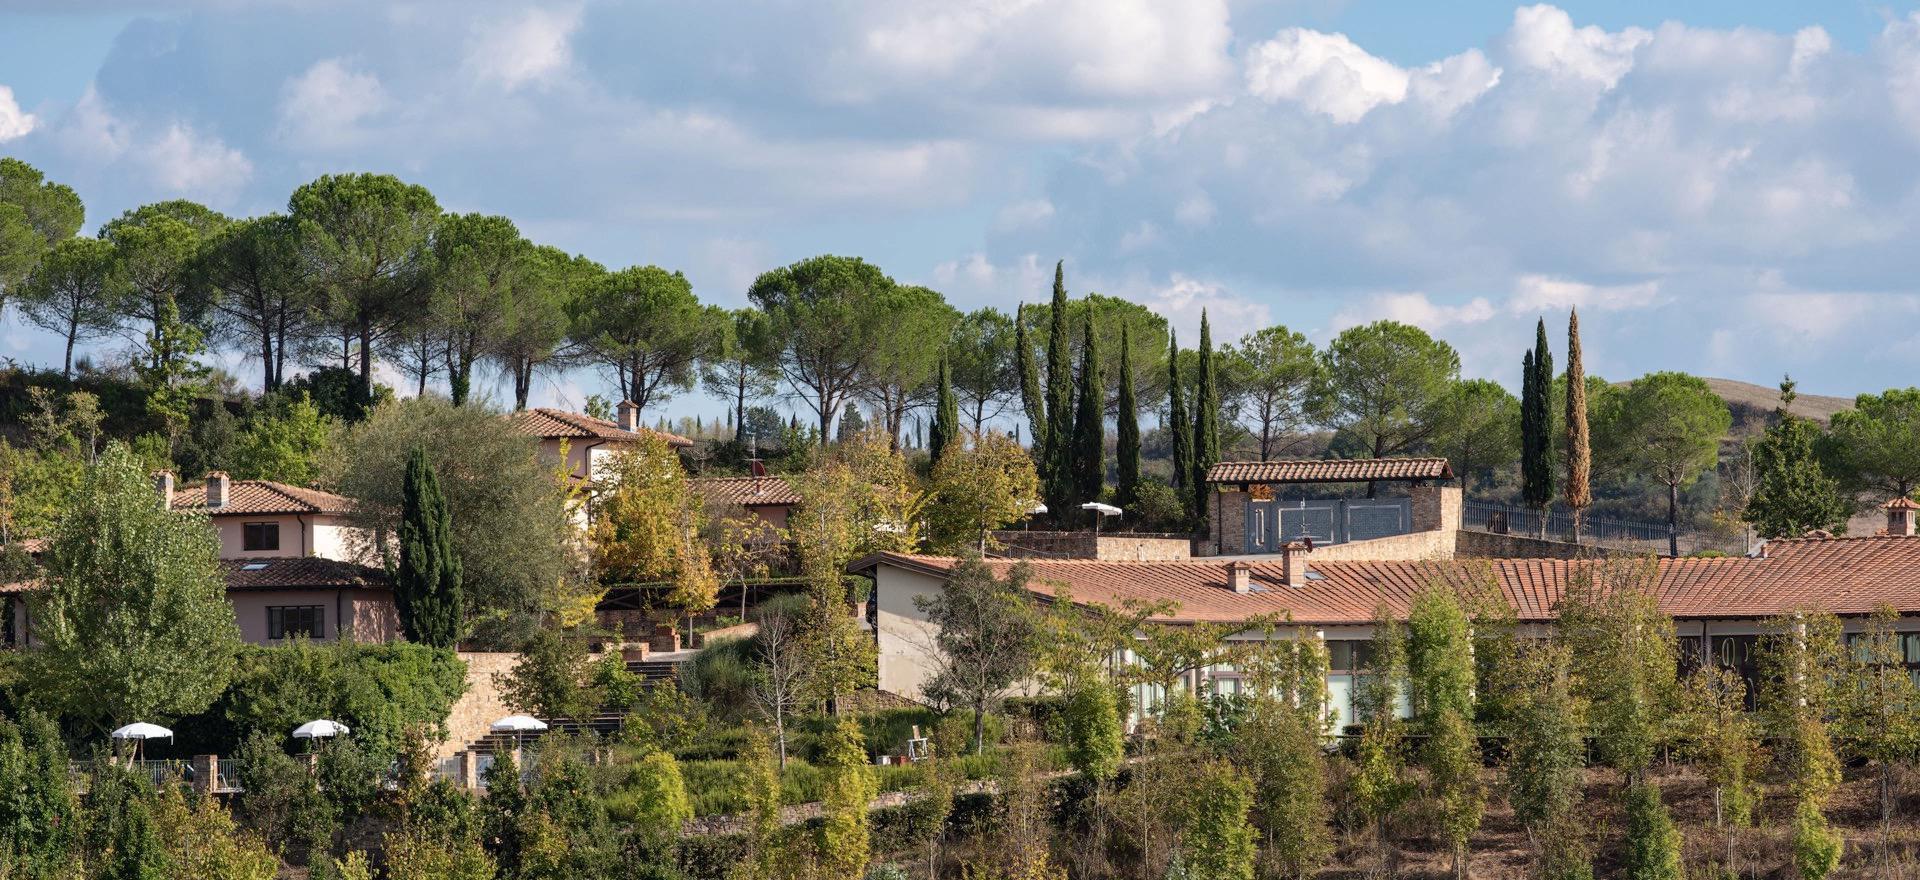 Luxe agriturismo in het prachtige hart van Toscane